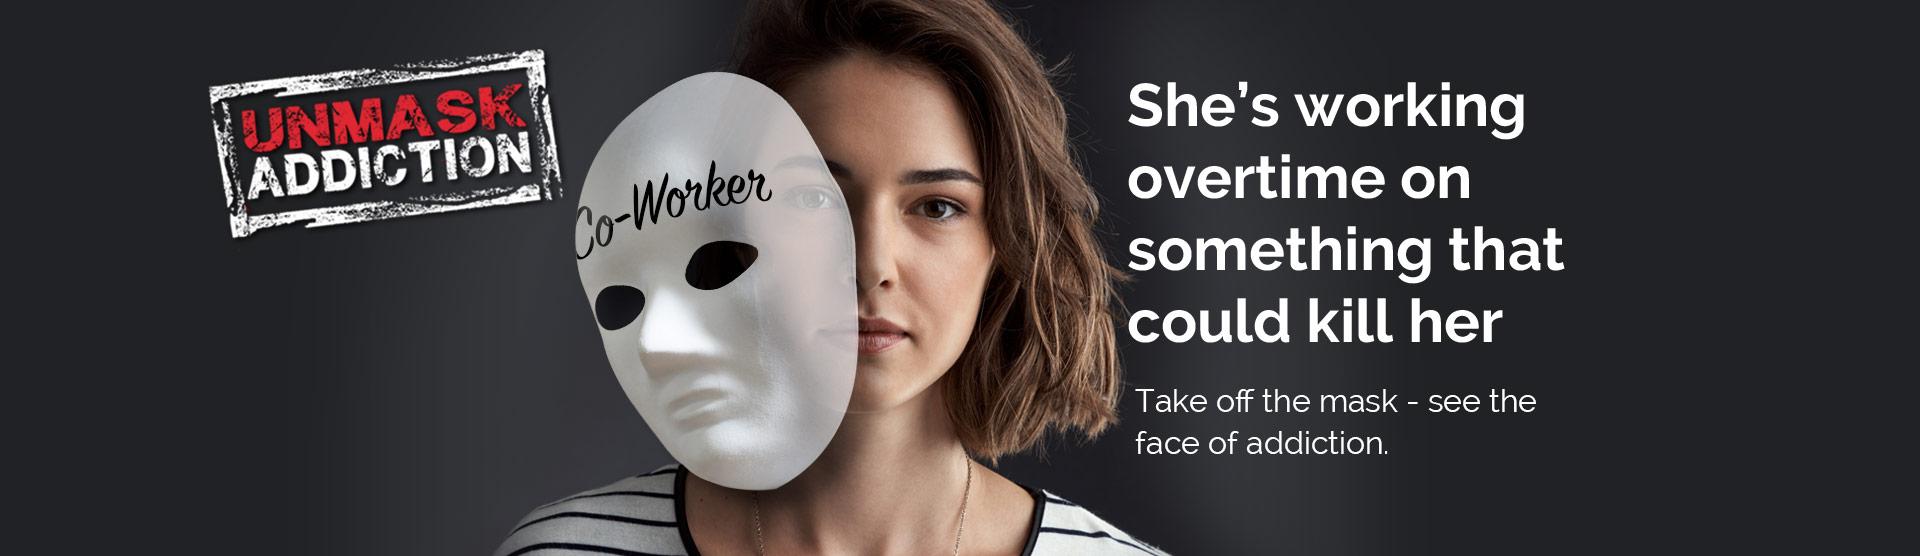 UnmaskAddiction-Home-Sliders_Coworker